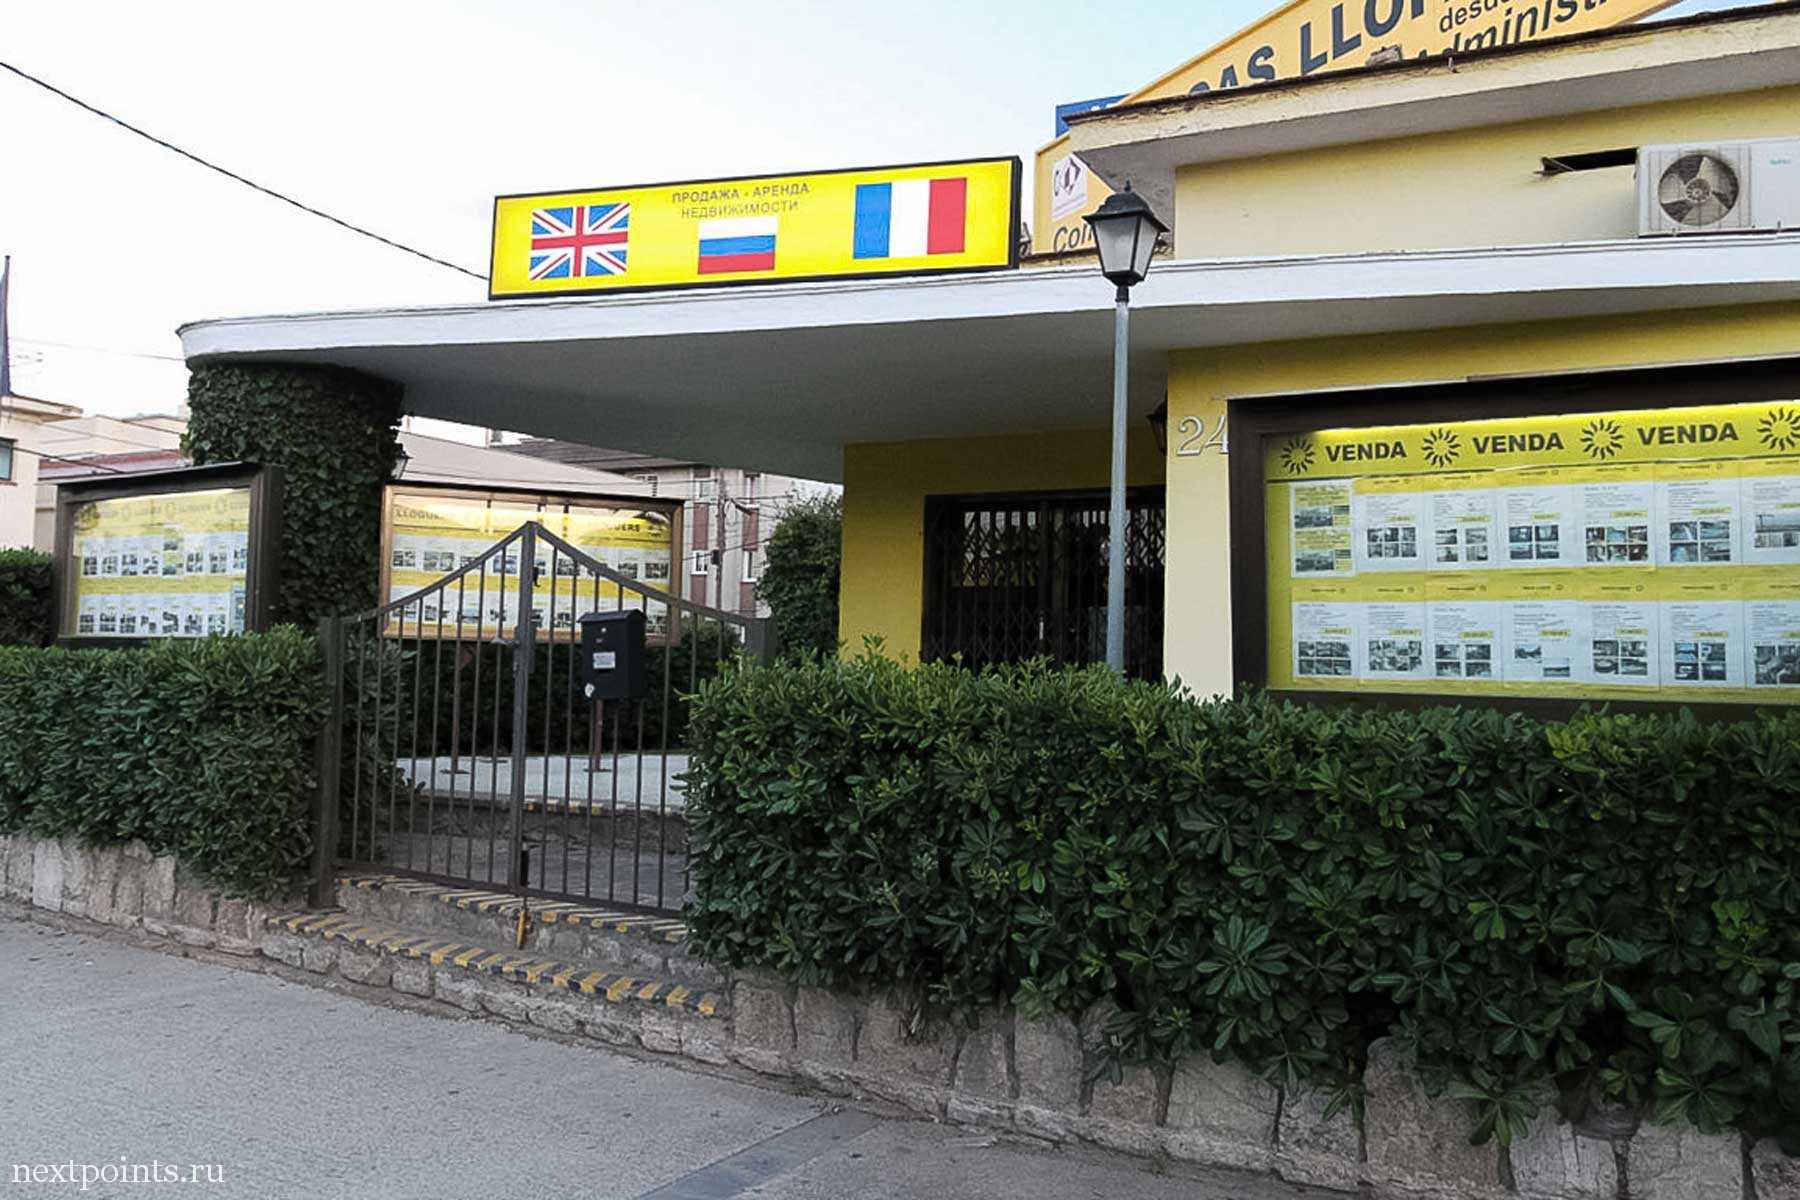 Гуляя по улицам, мы увидели офис по продаже недвижимости для испано-англо-русско-говорящих клиентов.